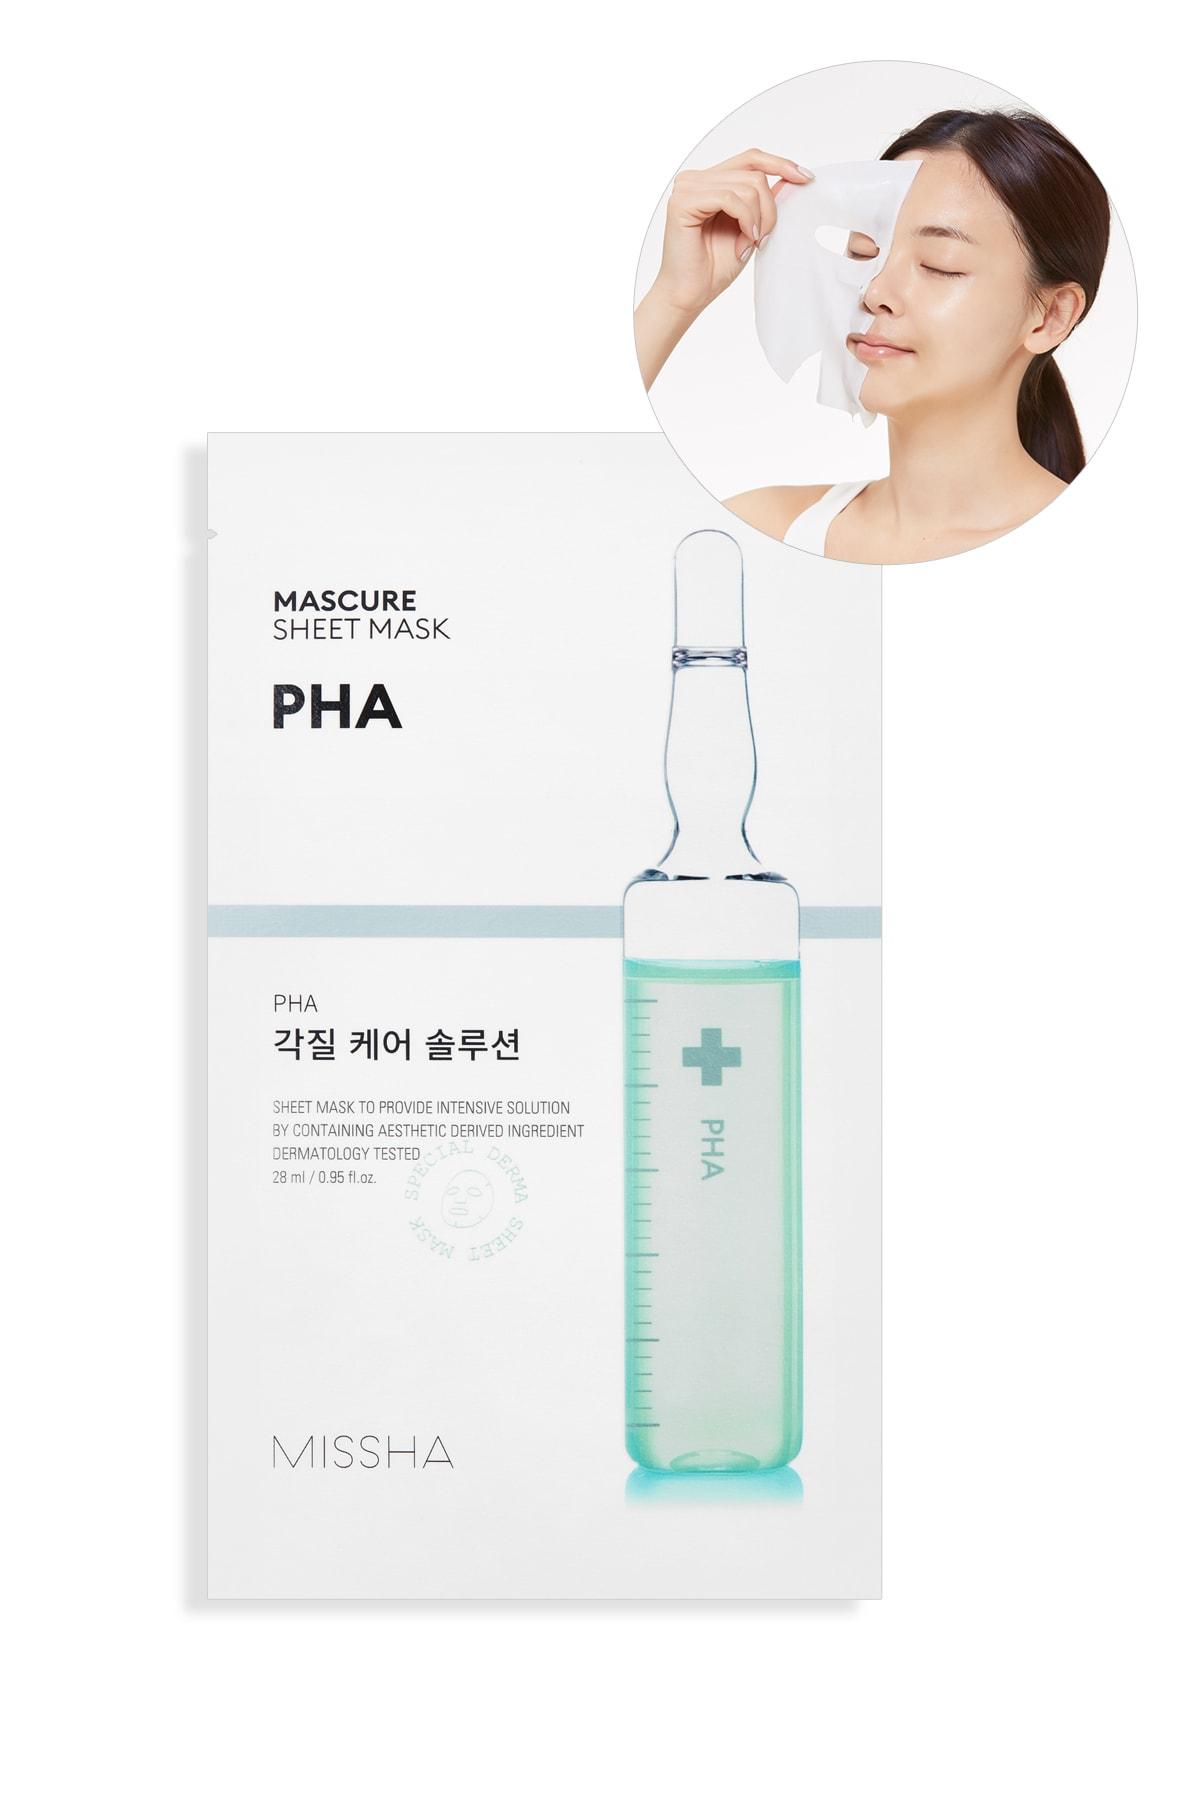 Missha Pha Ölü Deri Arındırıcı Yaprak Maske (1ad) Mascure Peeling Solution Sheet Mask